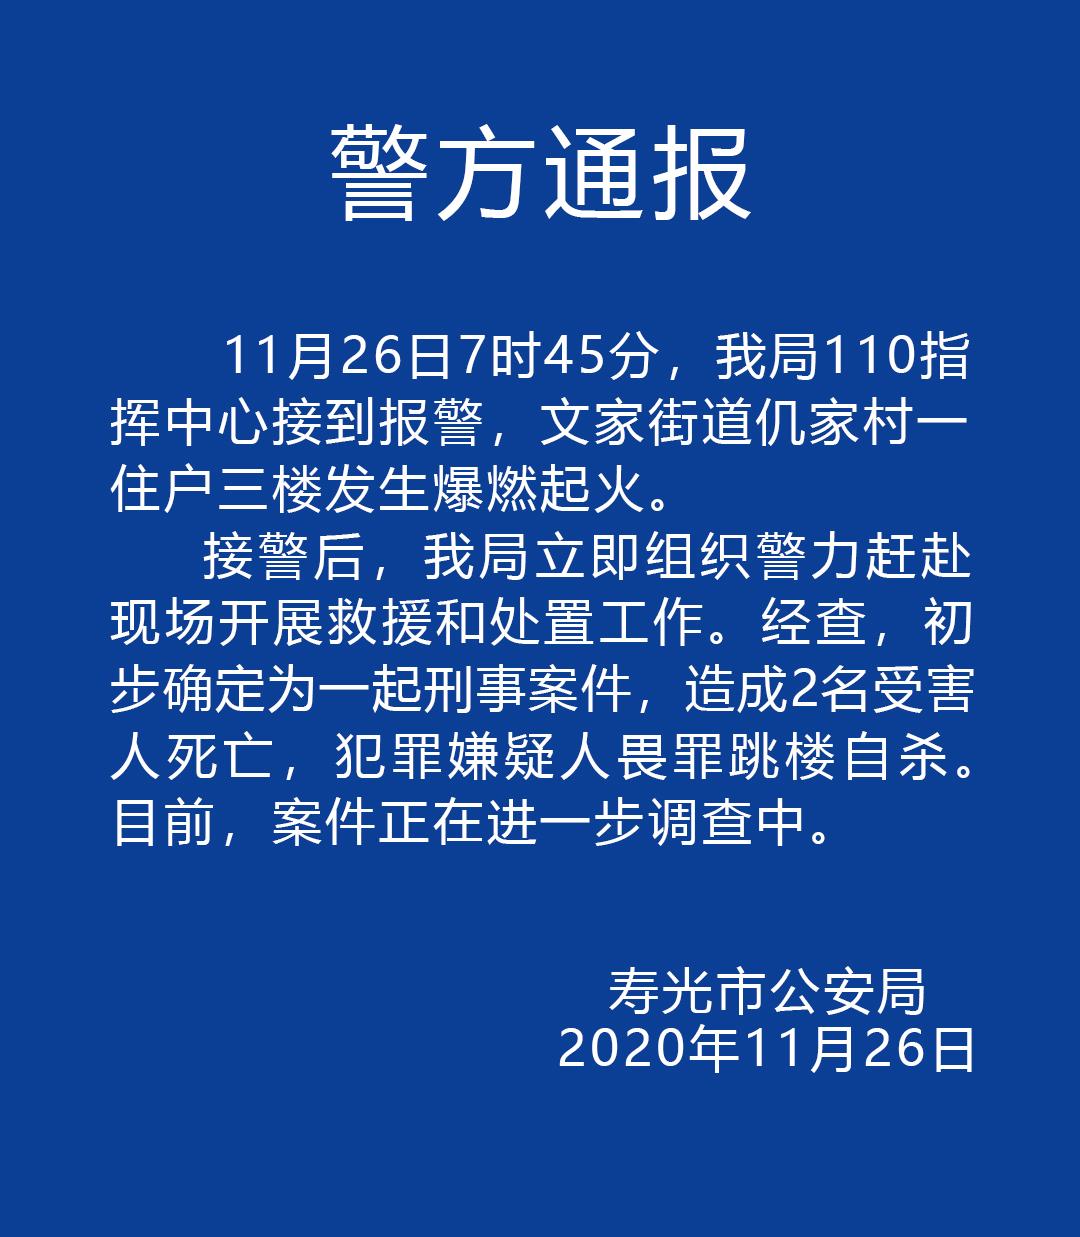 静宁县人民政府网_合肥801路公交车_4480培训学院